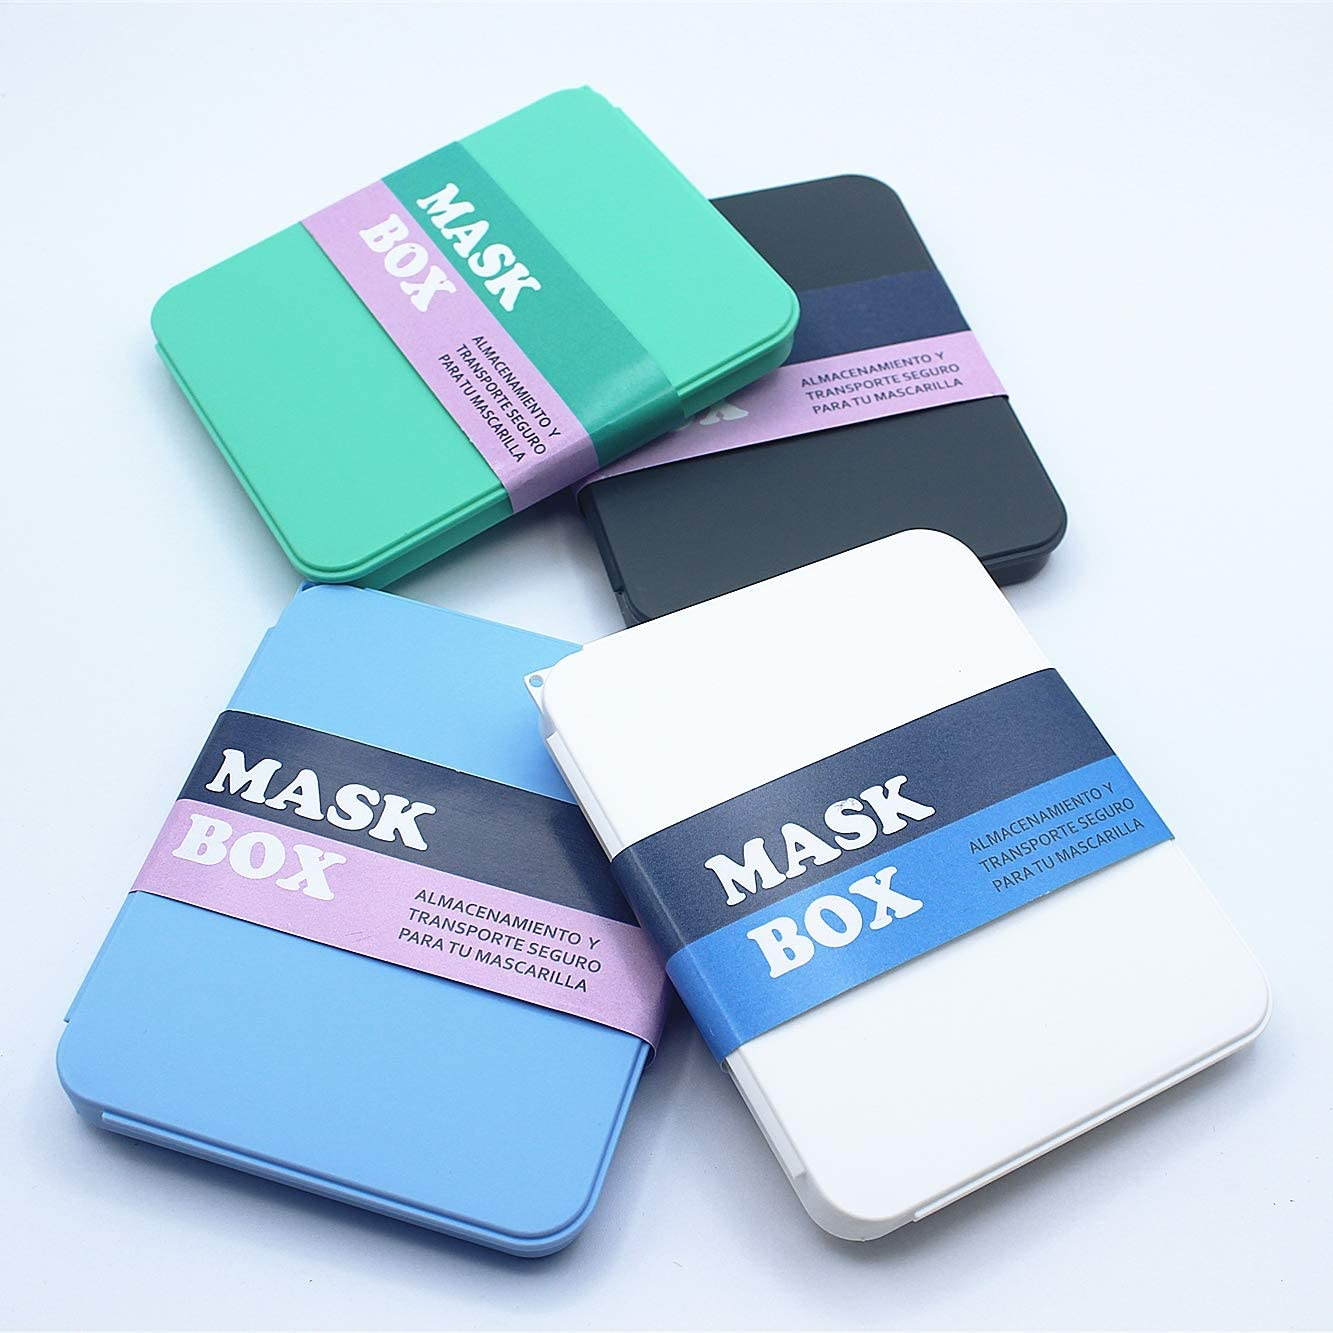 Haioo 4 Unidades de Caja de Almacenamiento Mascarillas Estuche de Máscara de Plástico Cajita Porta Mascarillas Caja para Guardar Mascarilla Evitar Contaminación y Polvo Estuche de Protección Máscaras